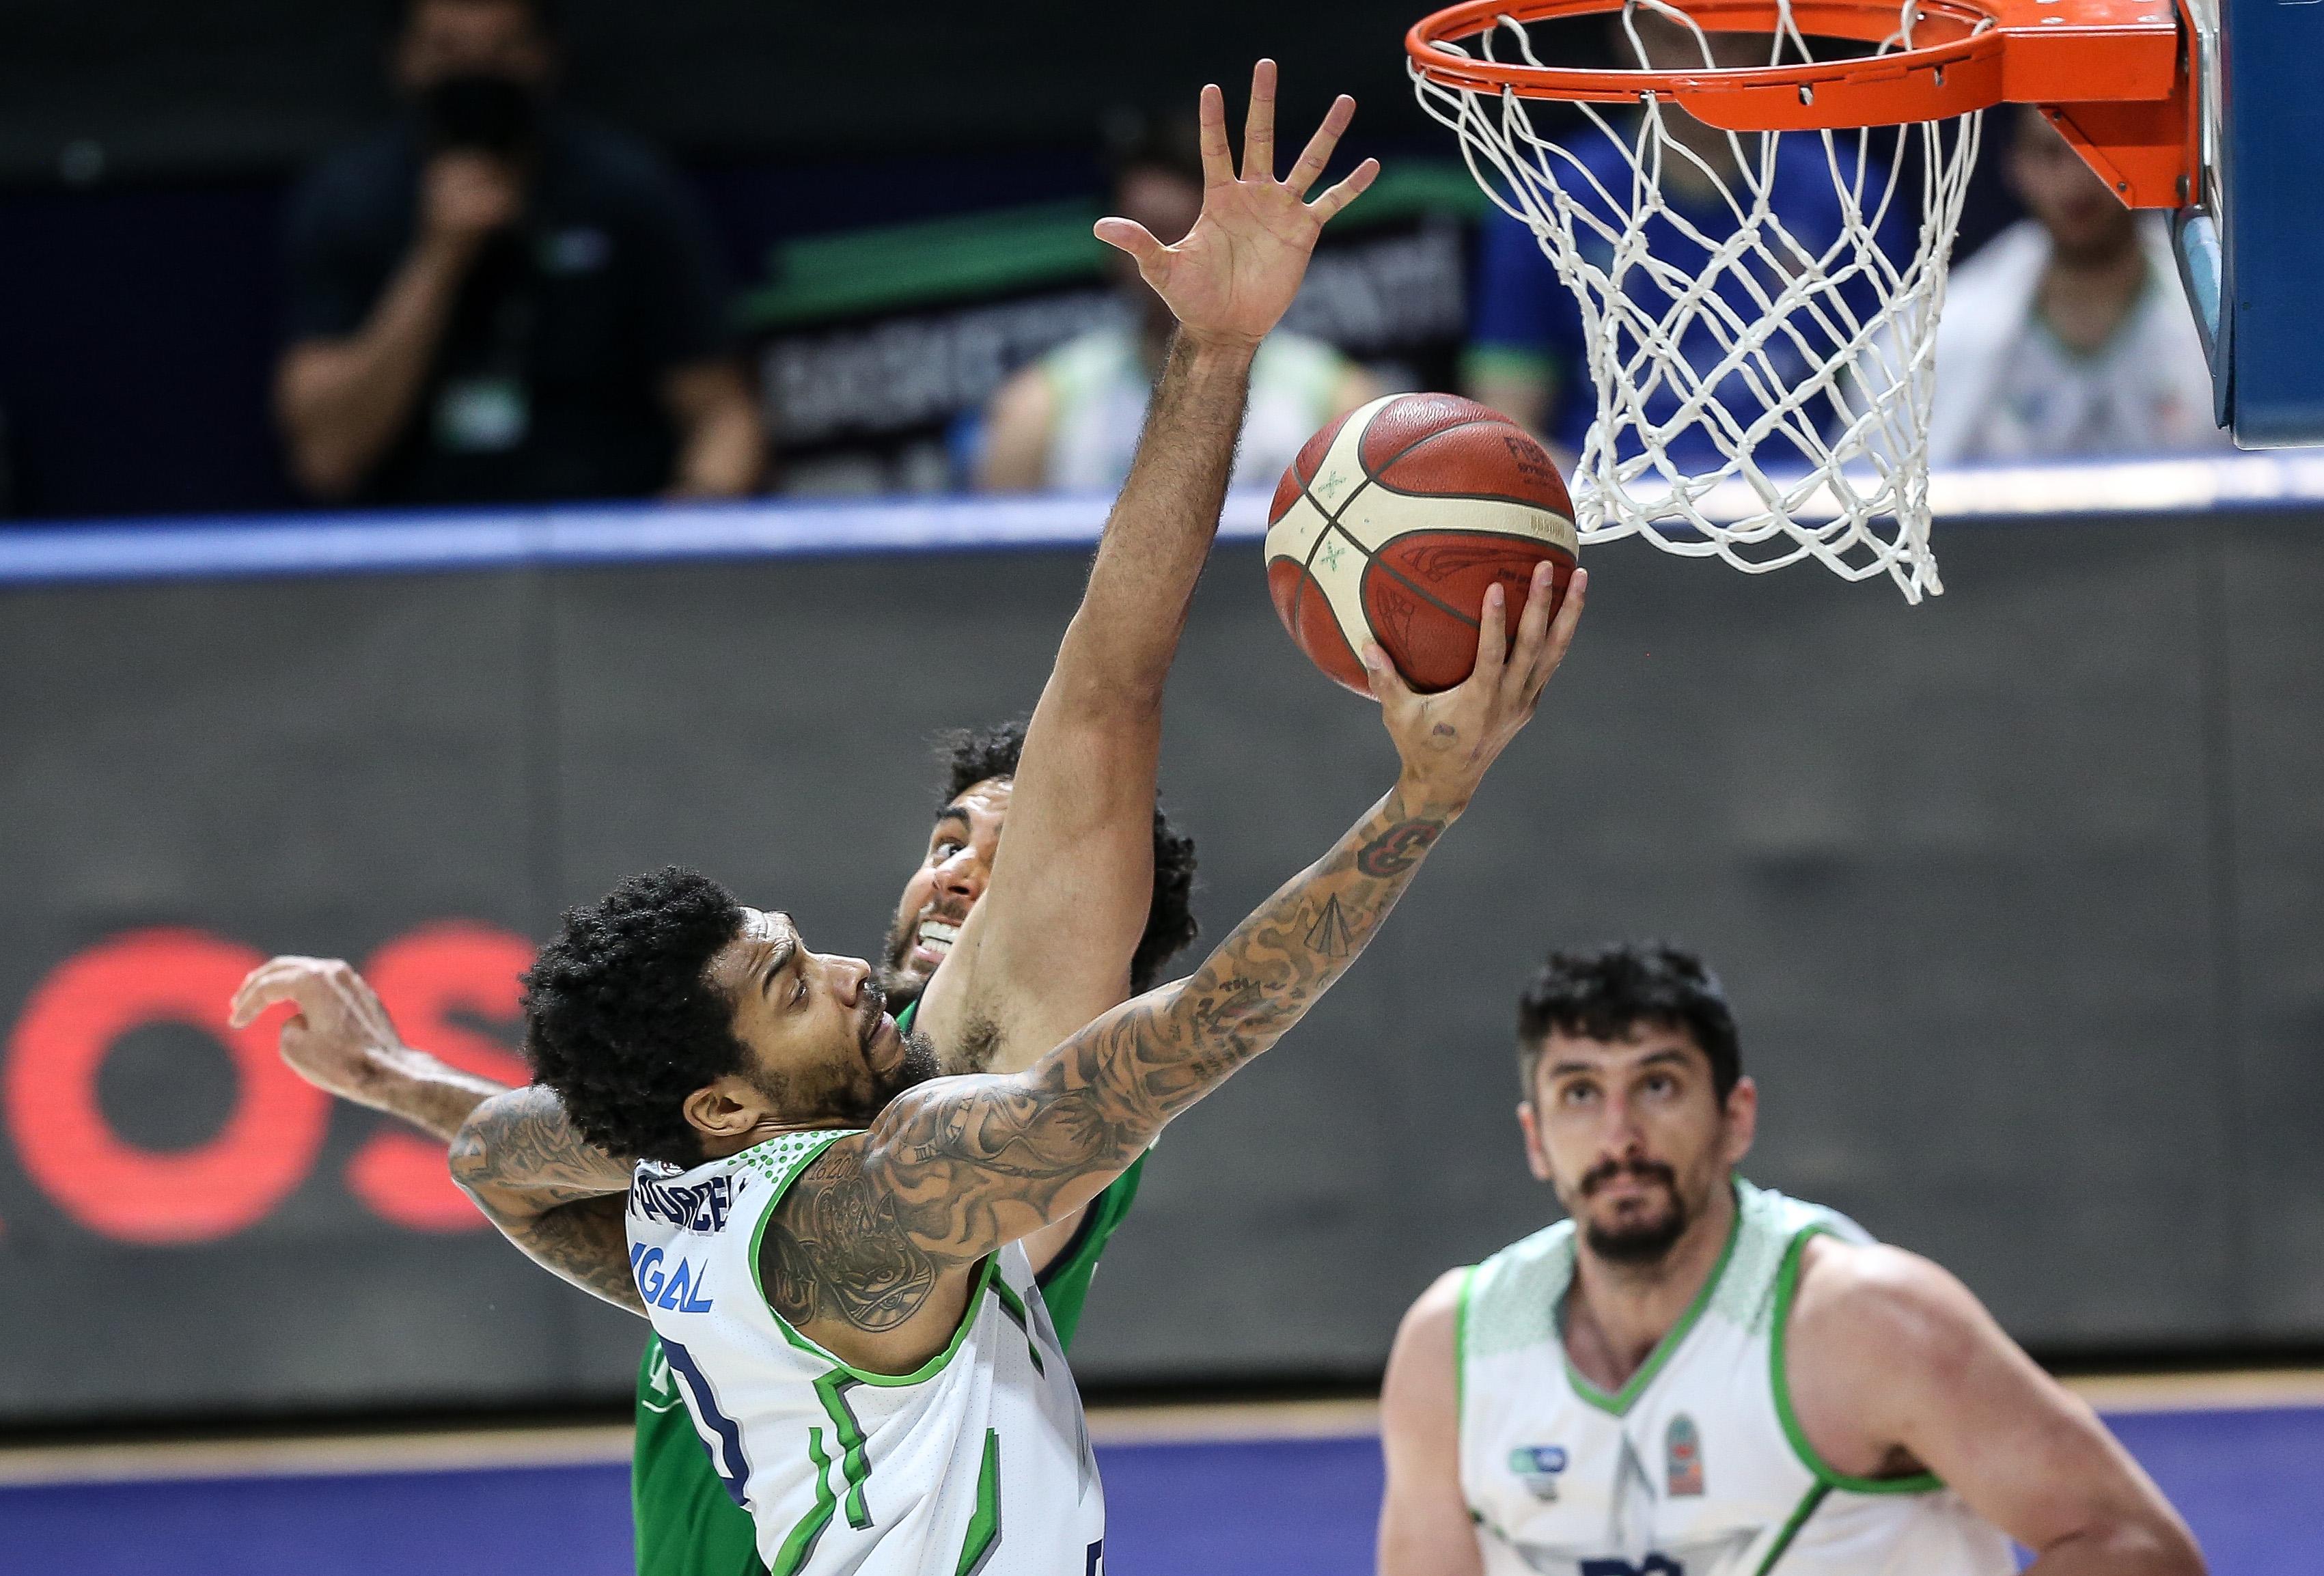 ING Basketbol Süper Ligi 29. haftada TOFAŞ, Darüşşafaka karşılaşması